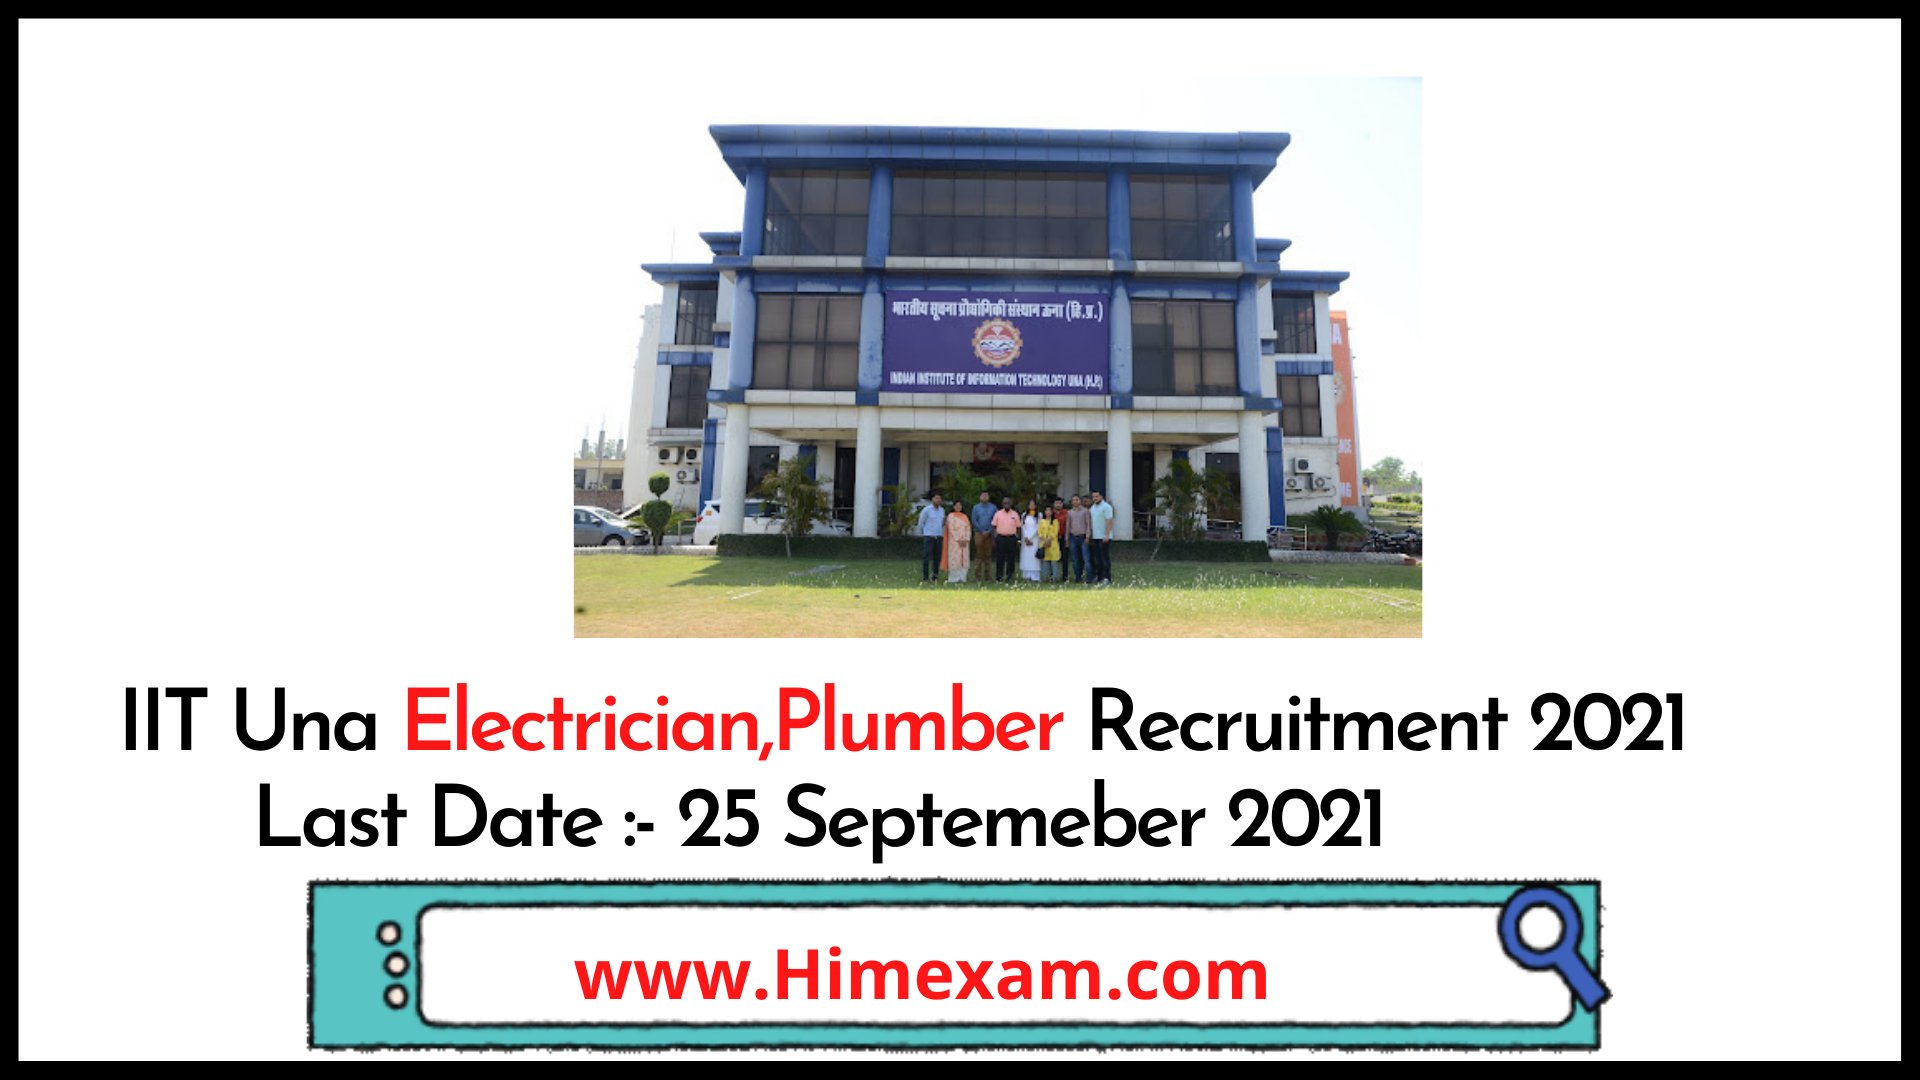 IIIT Una Electrician,Plumber Recruitment 2021